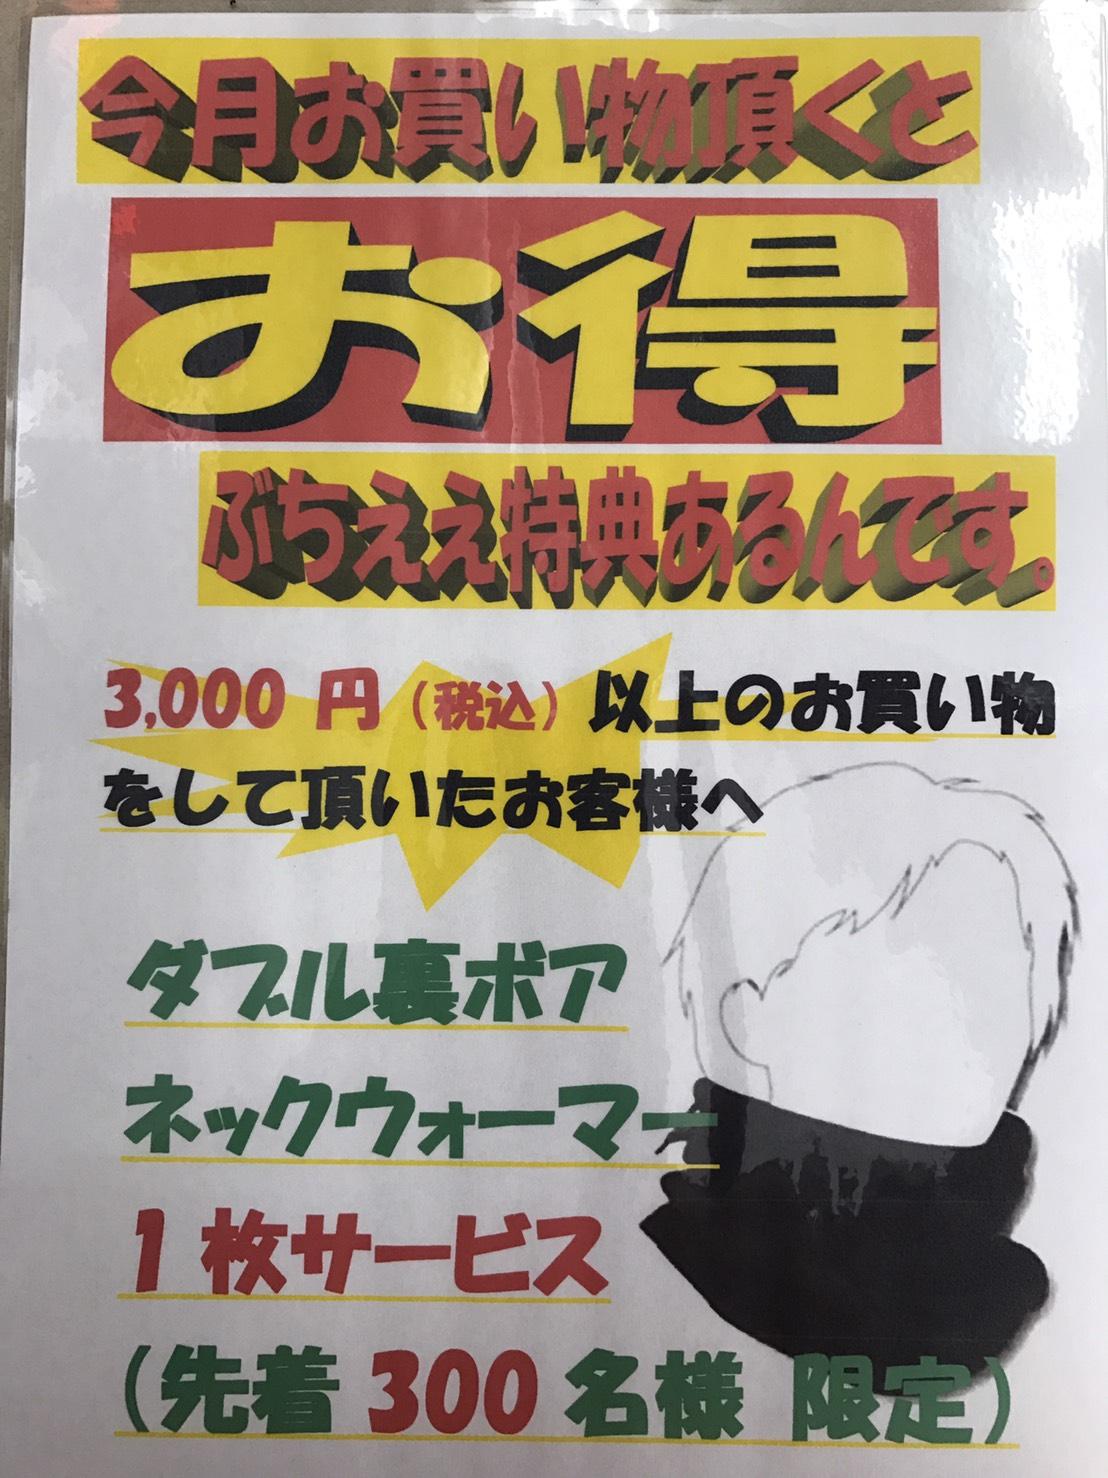 今月のイベント 3,000円(税込)以上お買い物して頂くと、ダブル裏ボアネックウォーマープレゼント!!